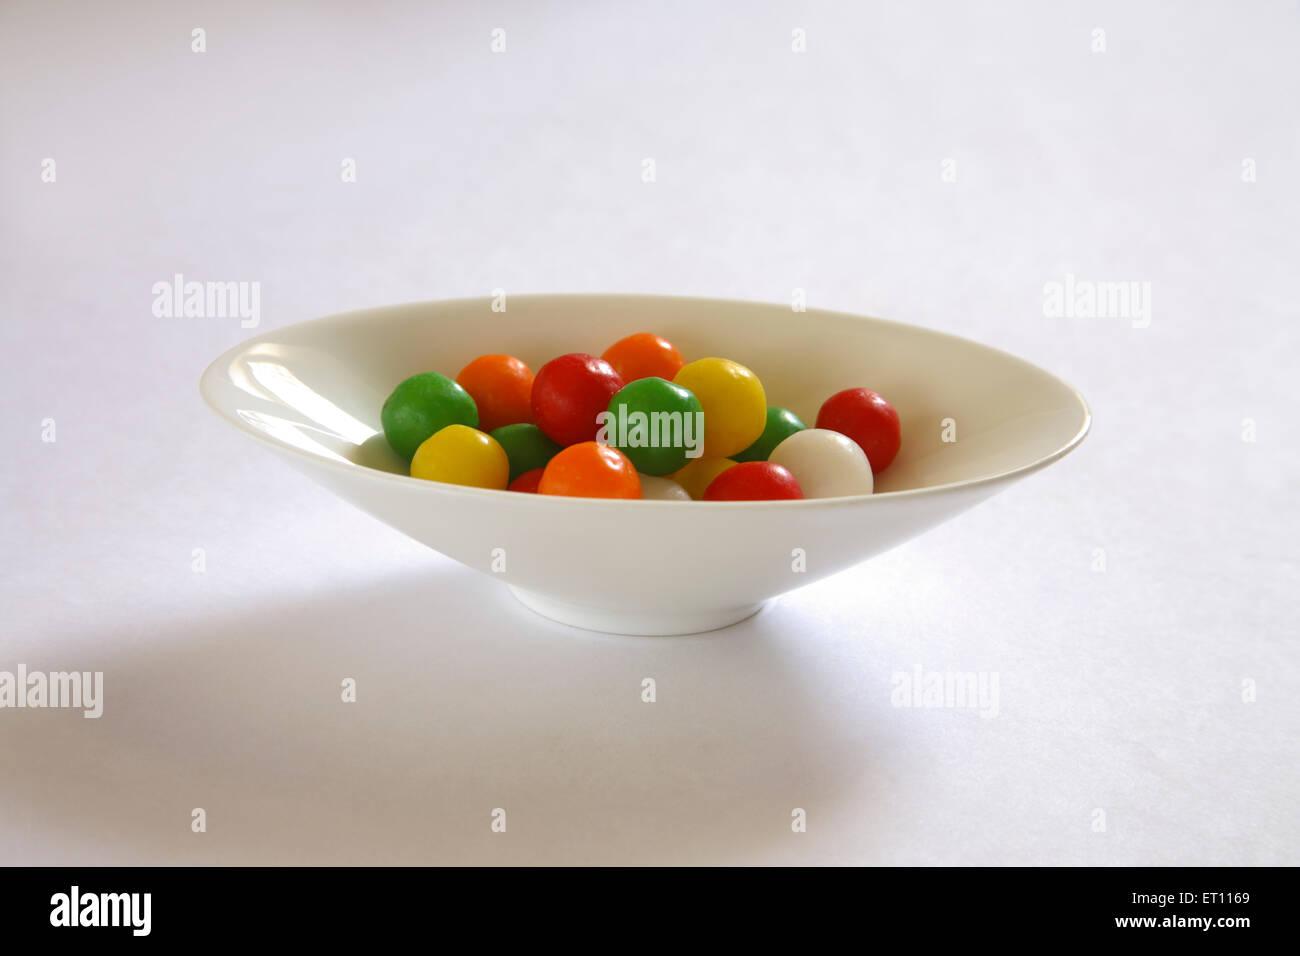 Bunten Ball, der süß-sauer oder Marmor in ovalen Platte auf weißem Hintergrund Stockbild